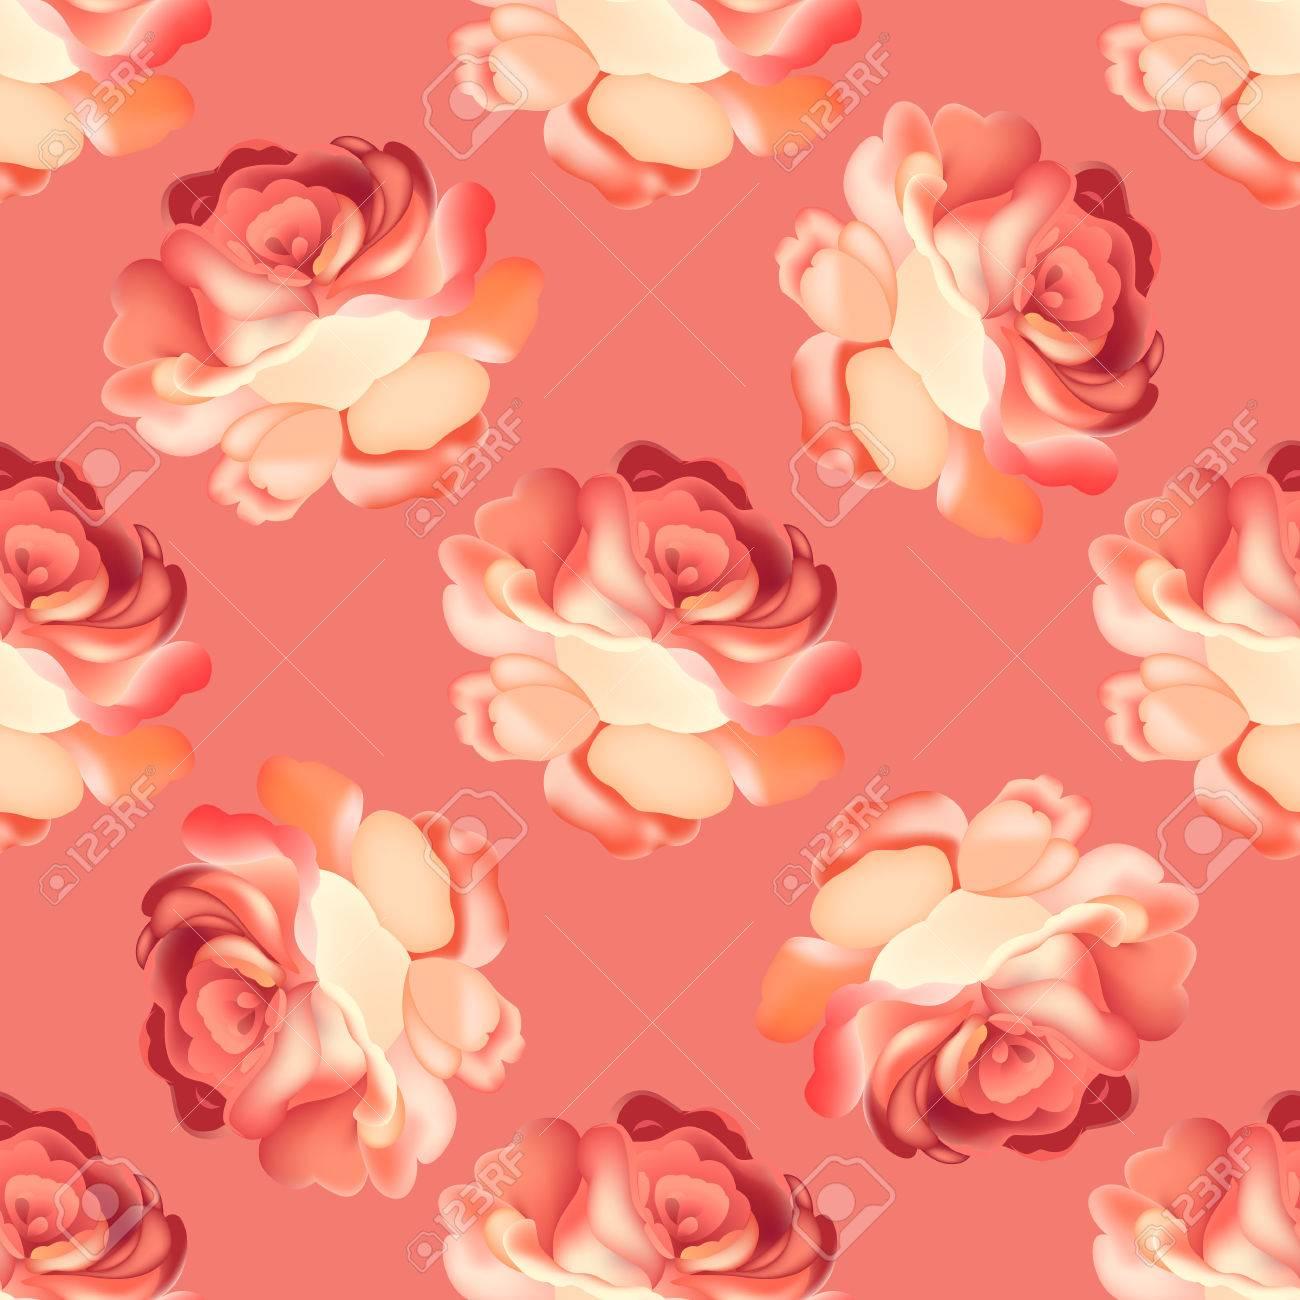 ピンクの背景に美しいバラの花とのシームレスなパターン 5 月デザイン